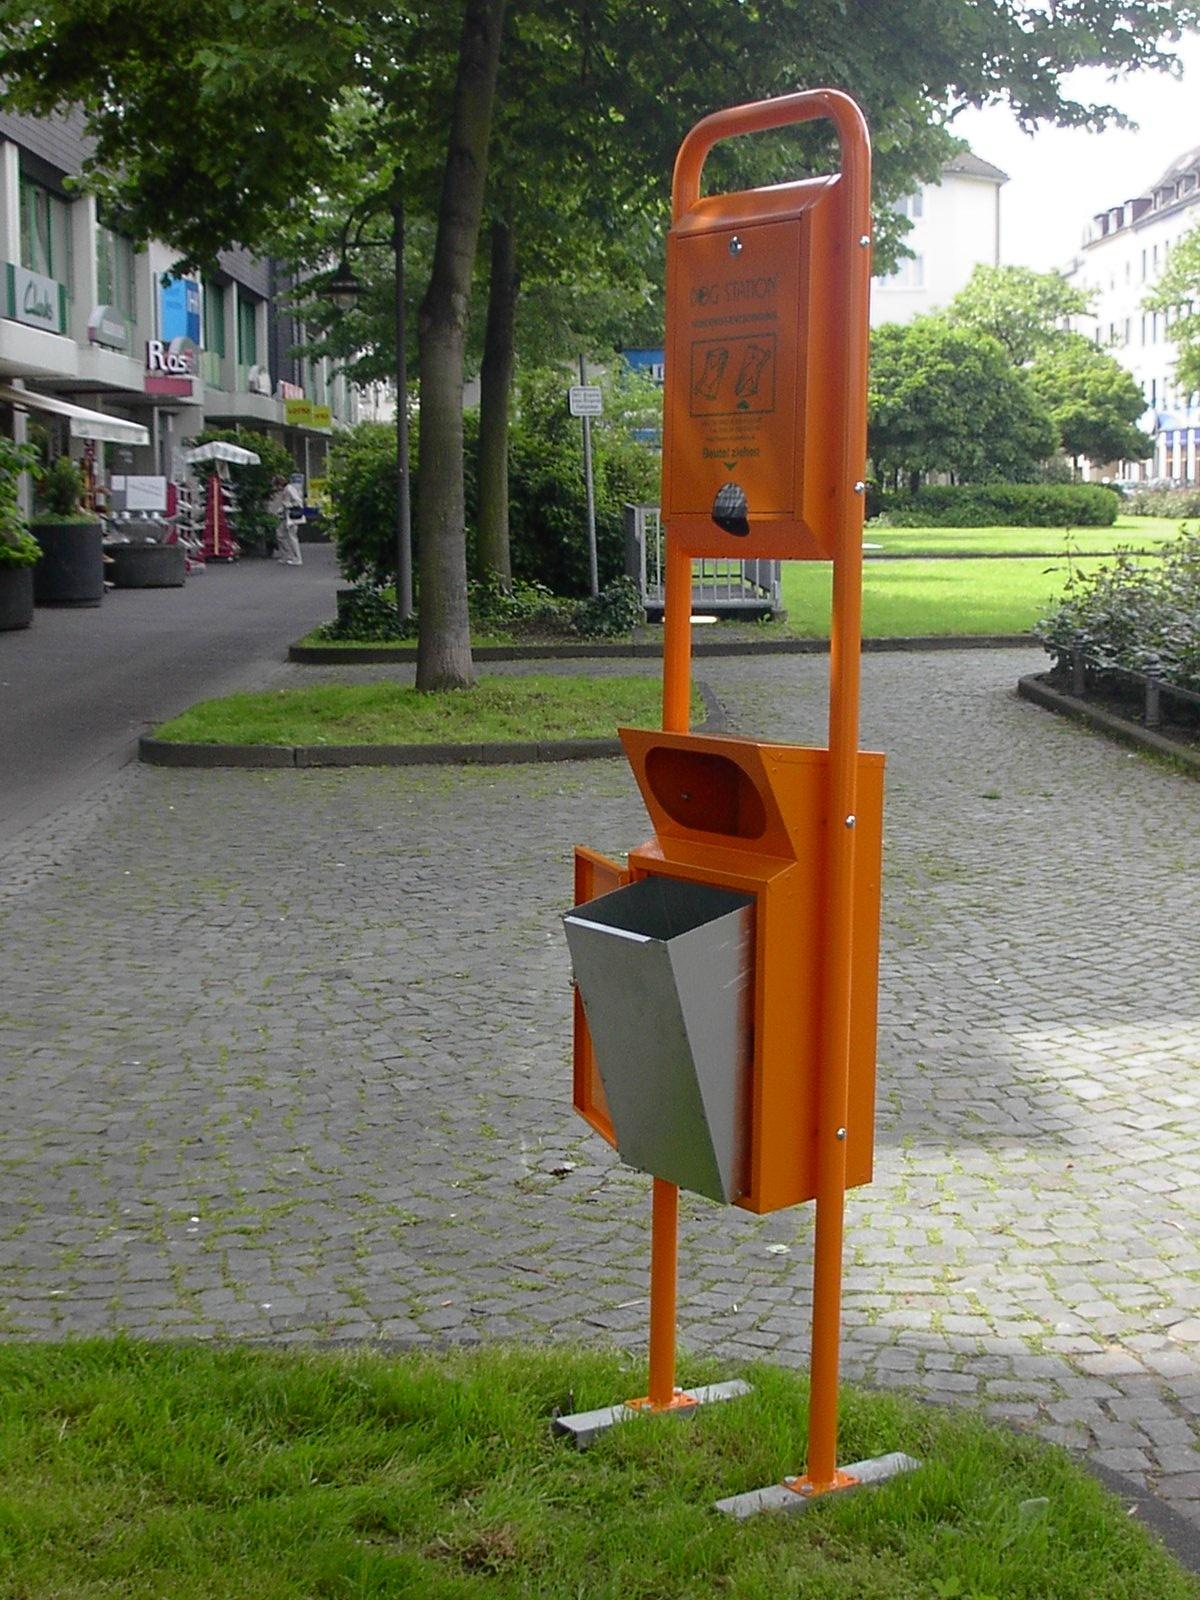 La fotografia mostra un contenitore per deiezioni canine M3, con dispenser sacchetti, in una strada cittadina.